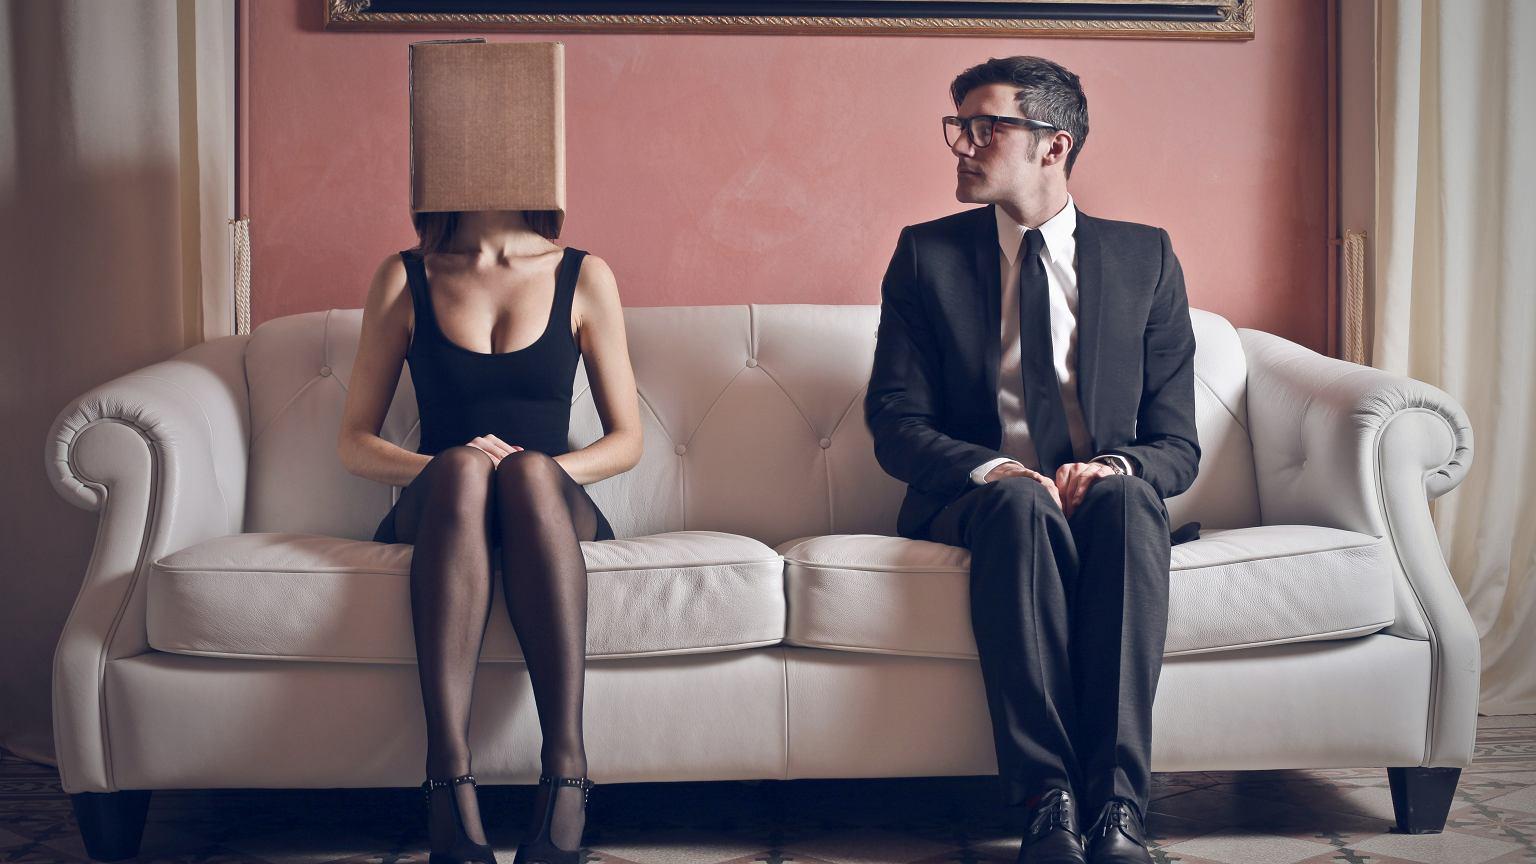 Sprawne serwisy randkowe